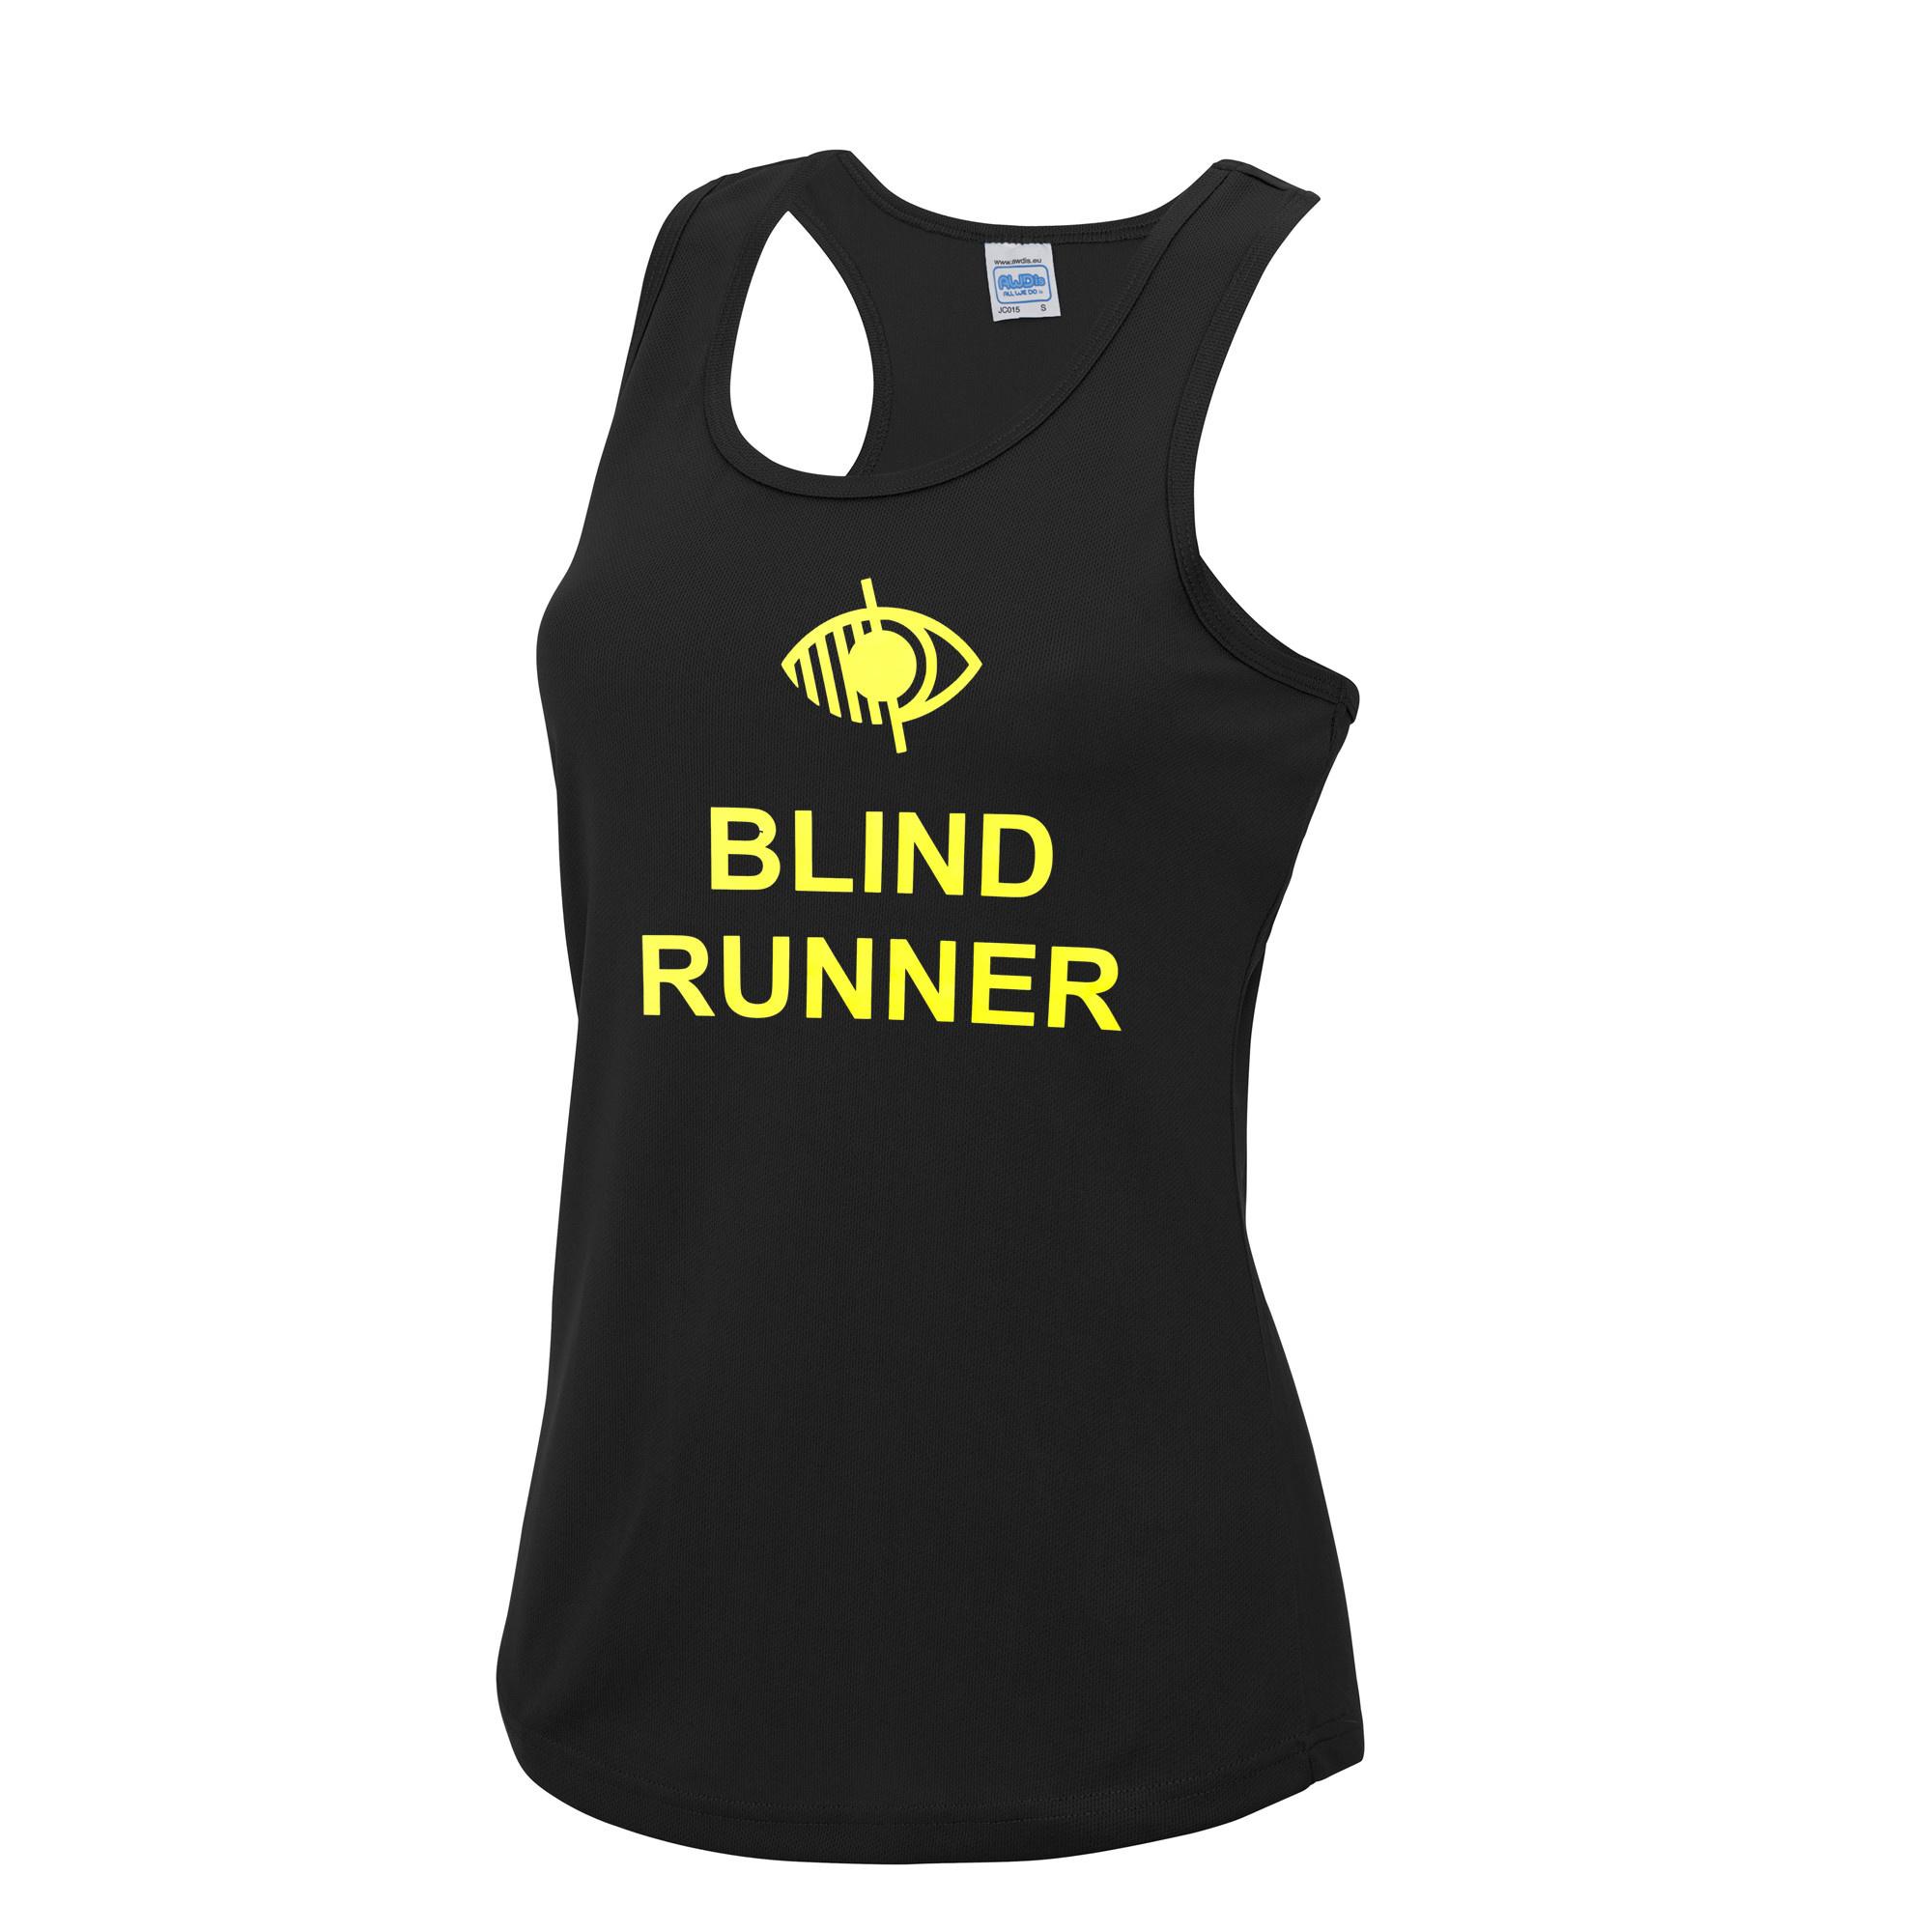 Ladies Blind Runner Cool Vest